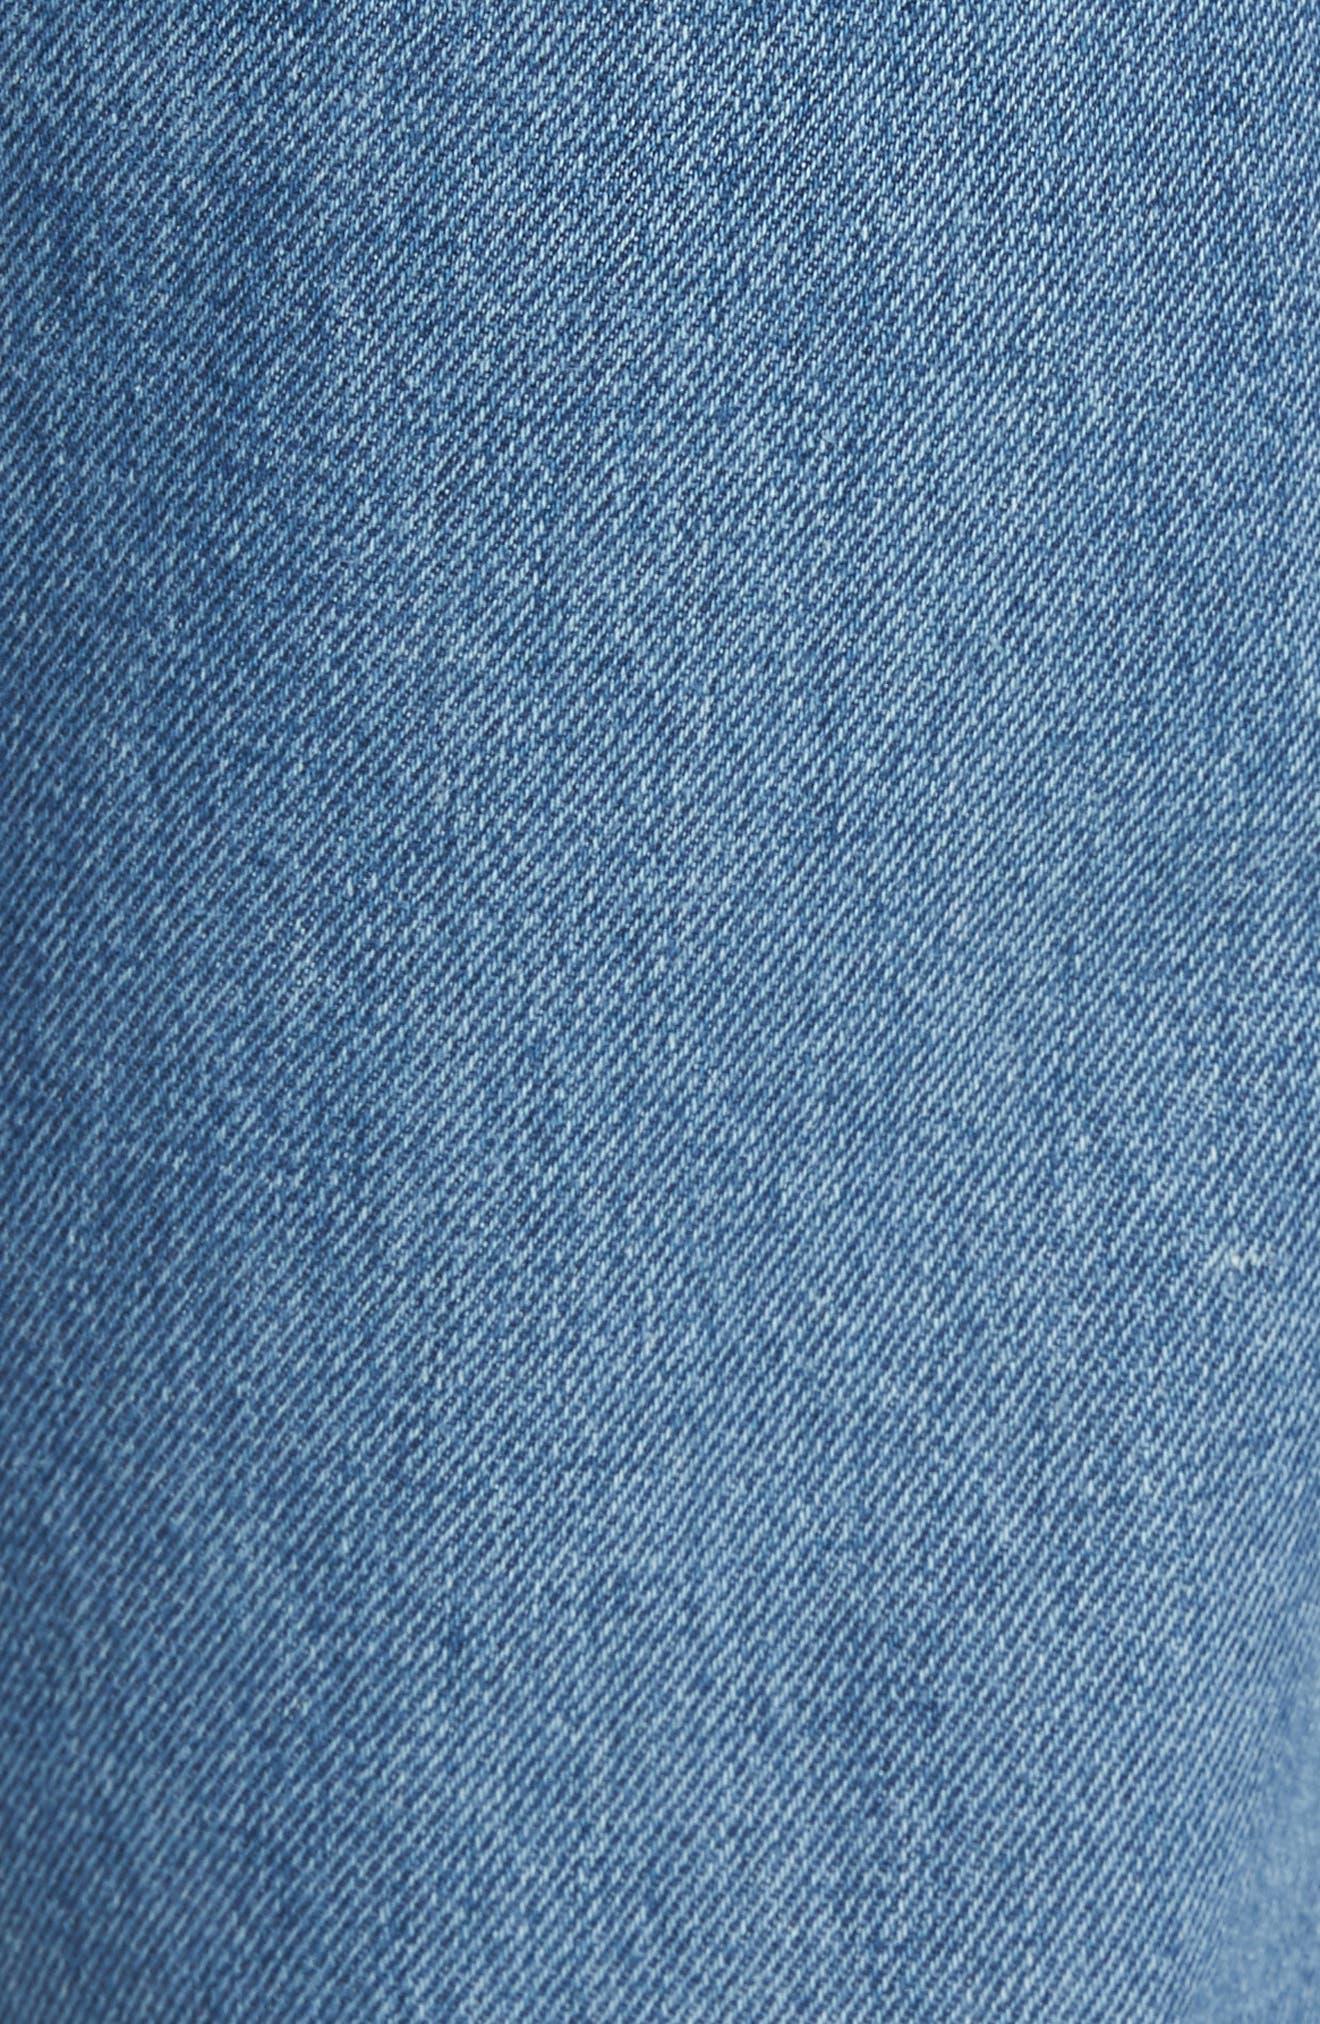 Alternate Image 5  - Levi's® 501™ Straight Leg Jeans (Bunker Indigo)